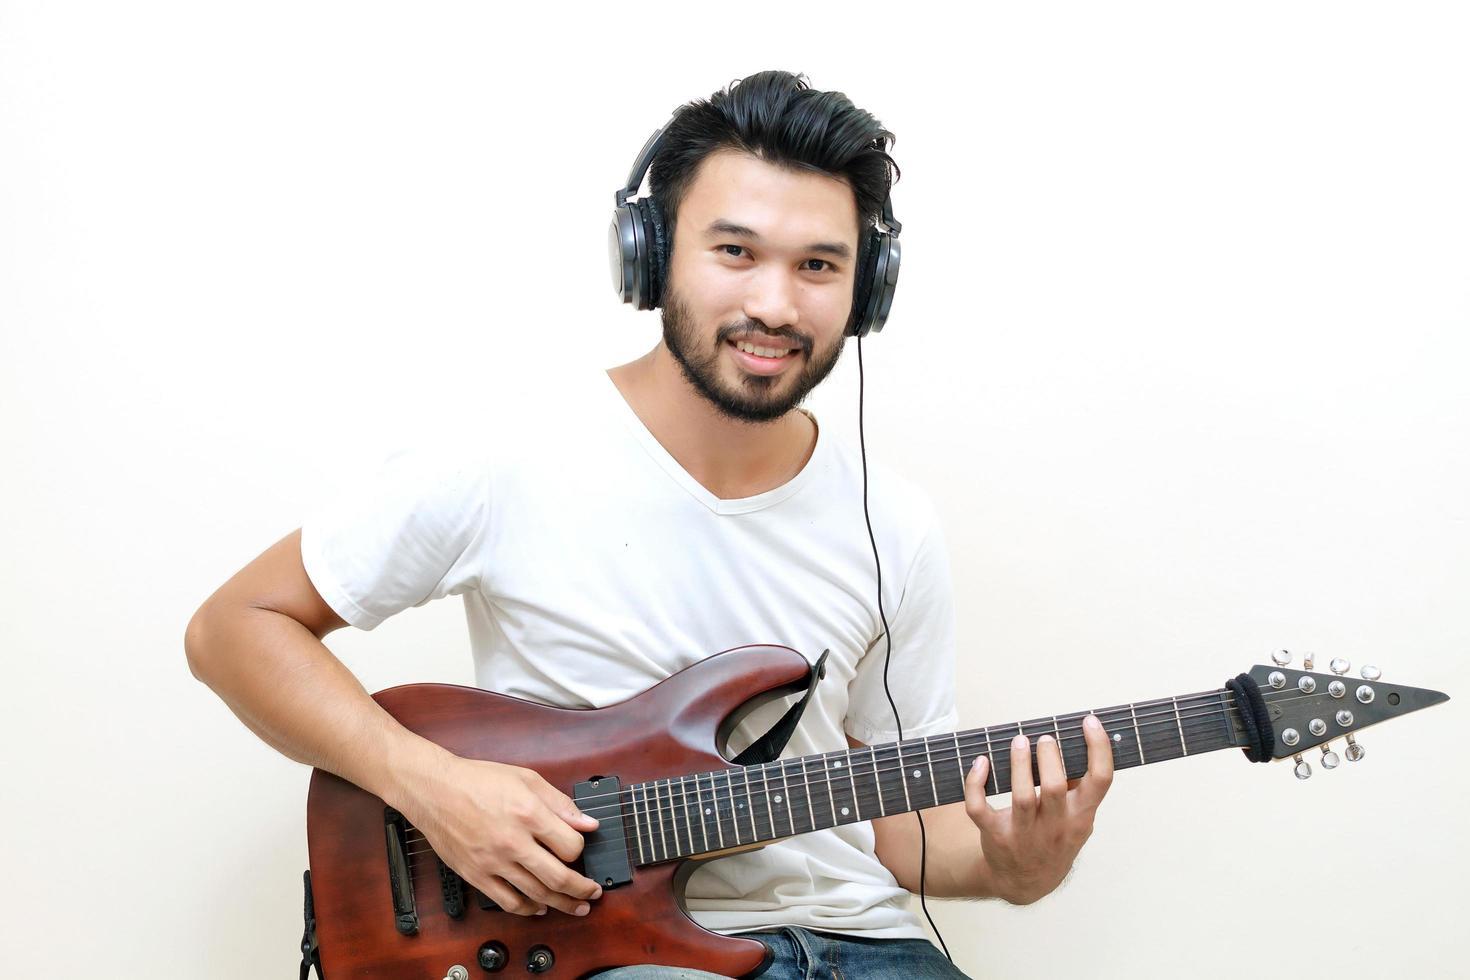 giovane uomo asiatico suonare la chitarra foto